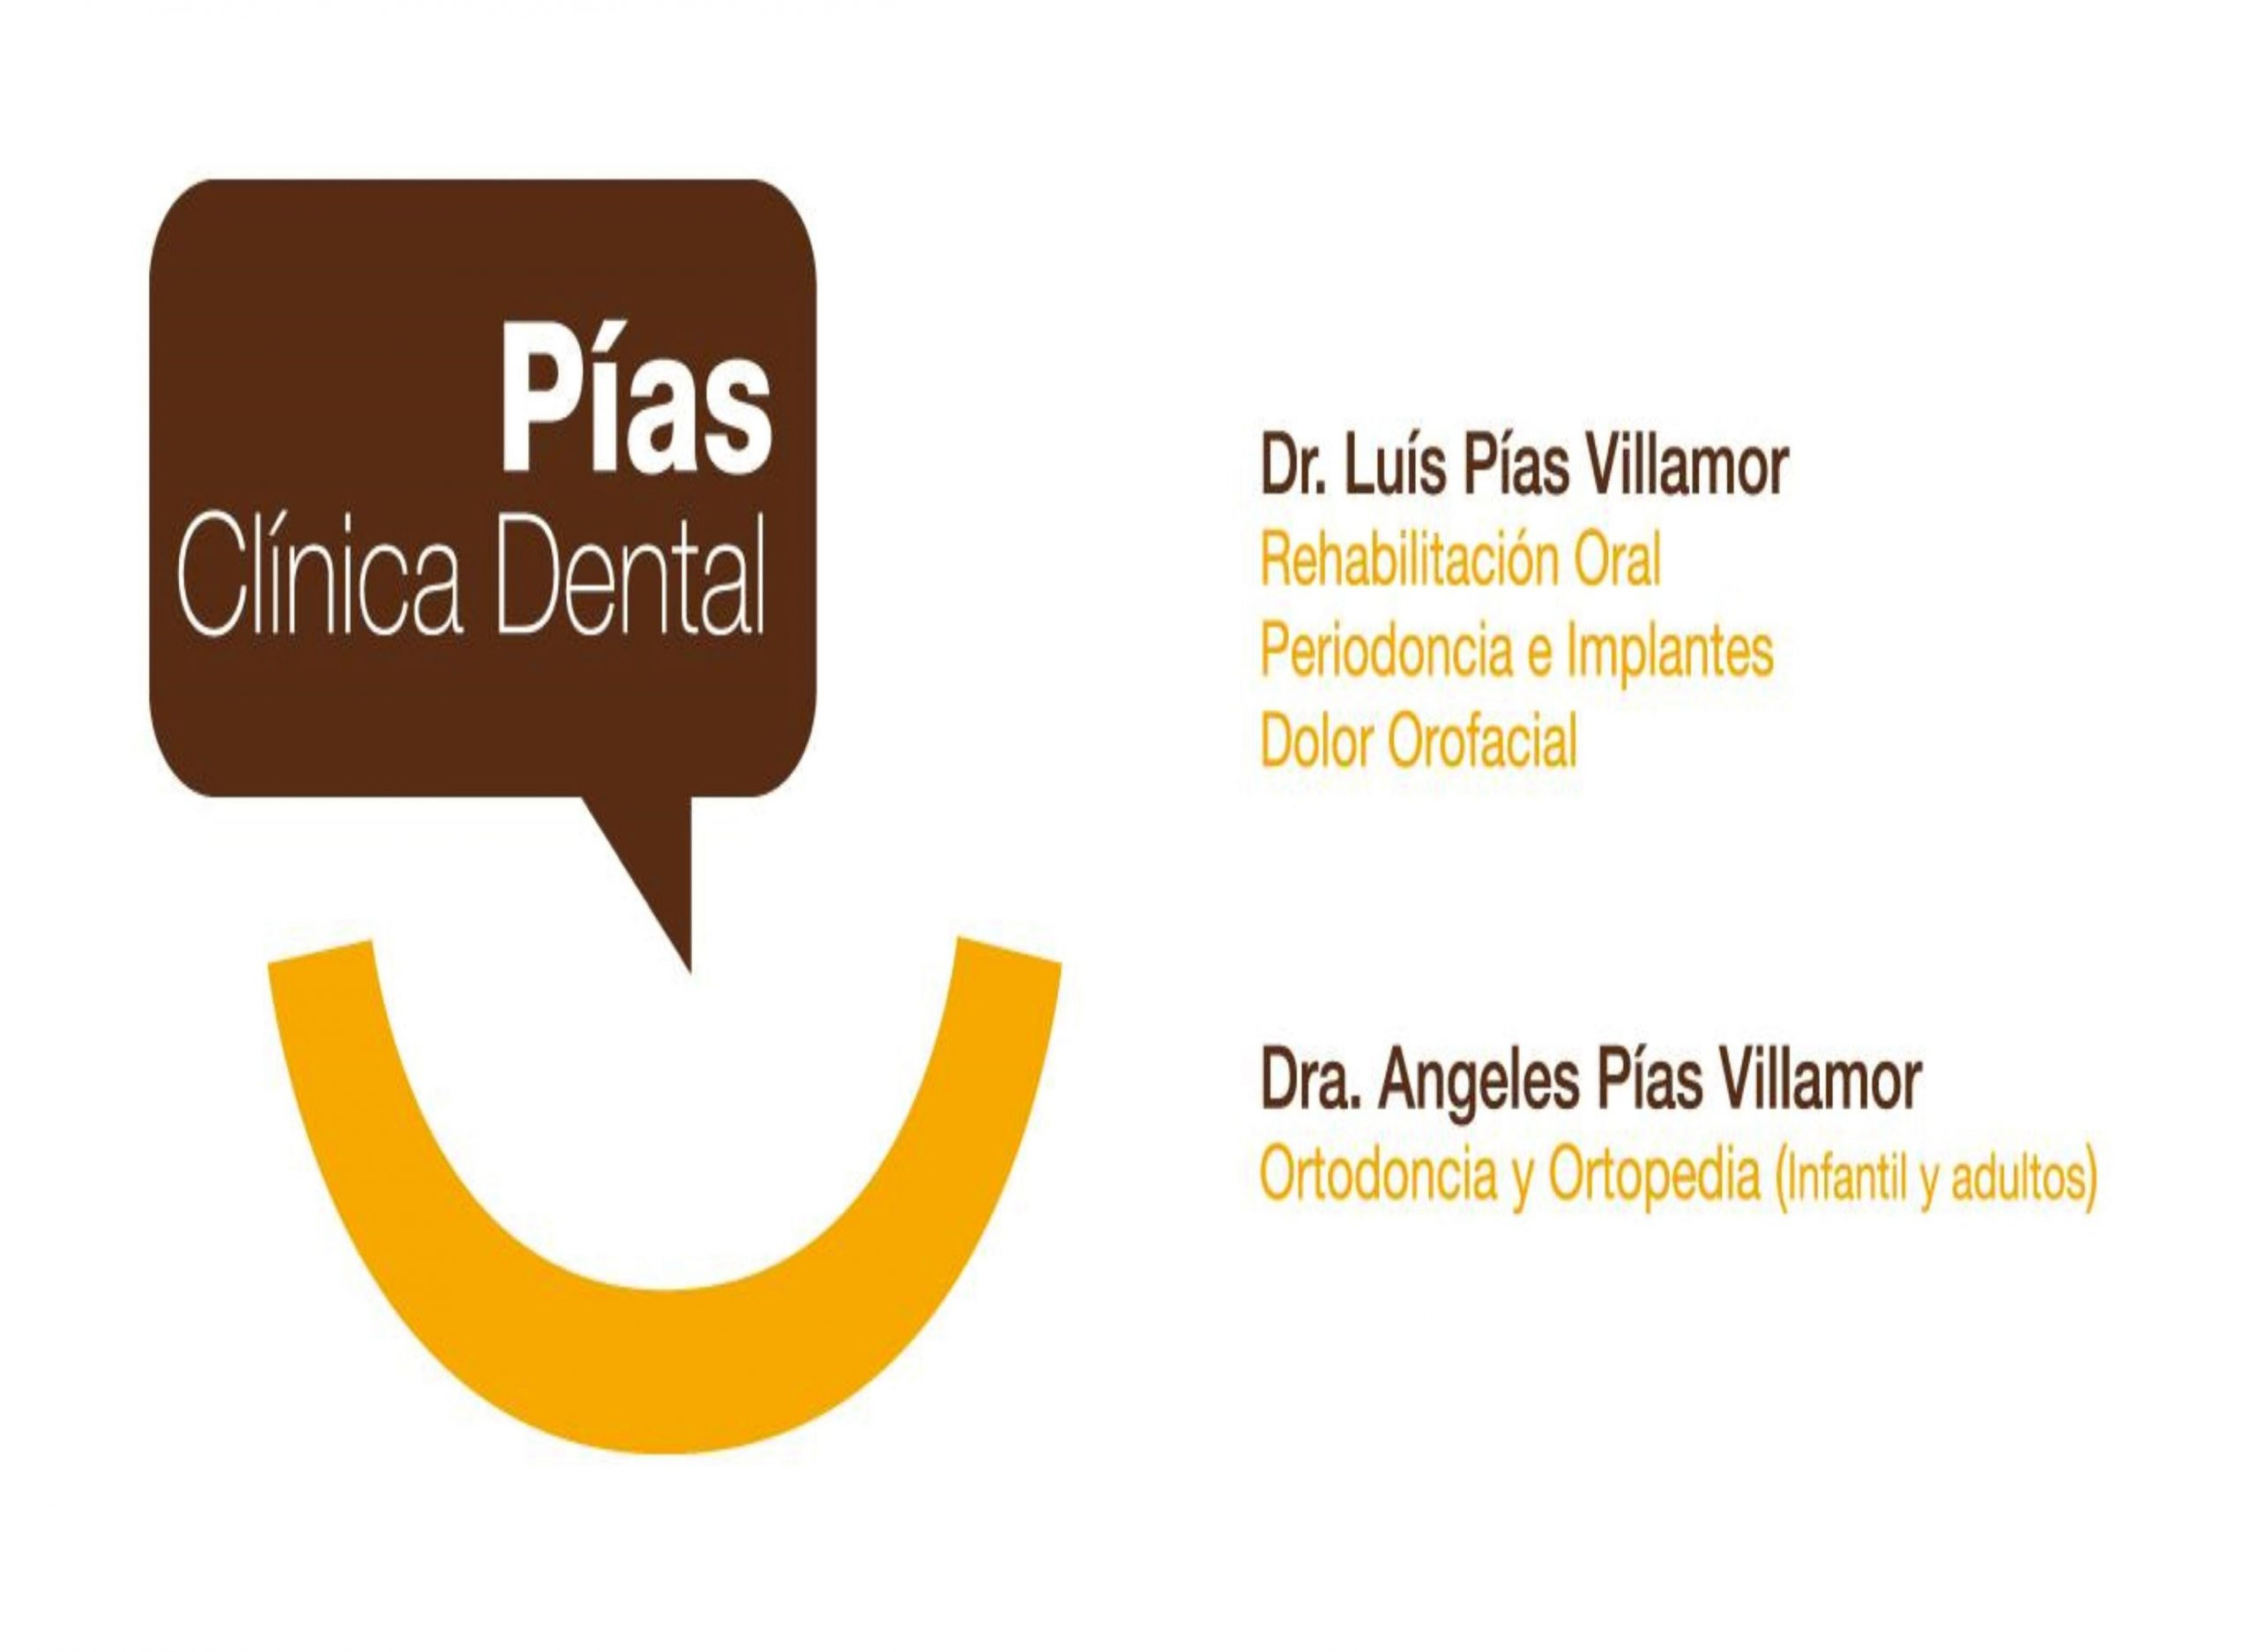 EQUIPO -PIAS CLINICA DENTAL